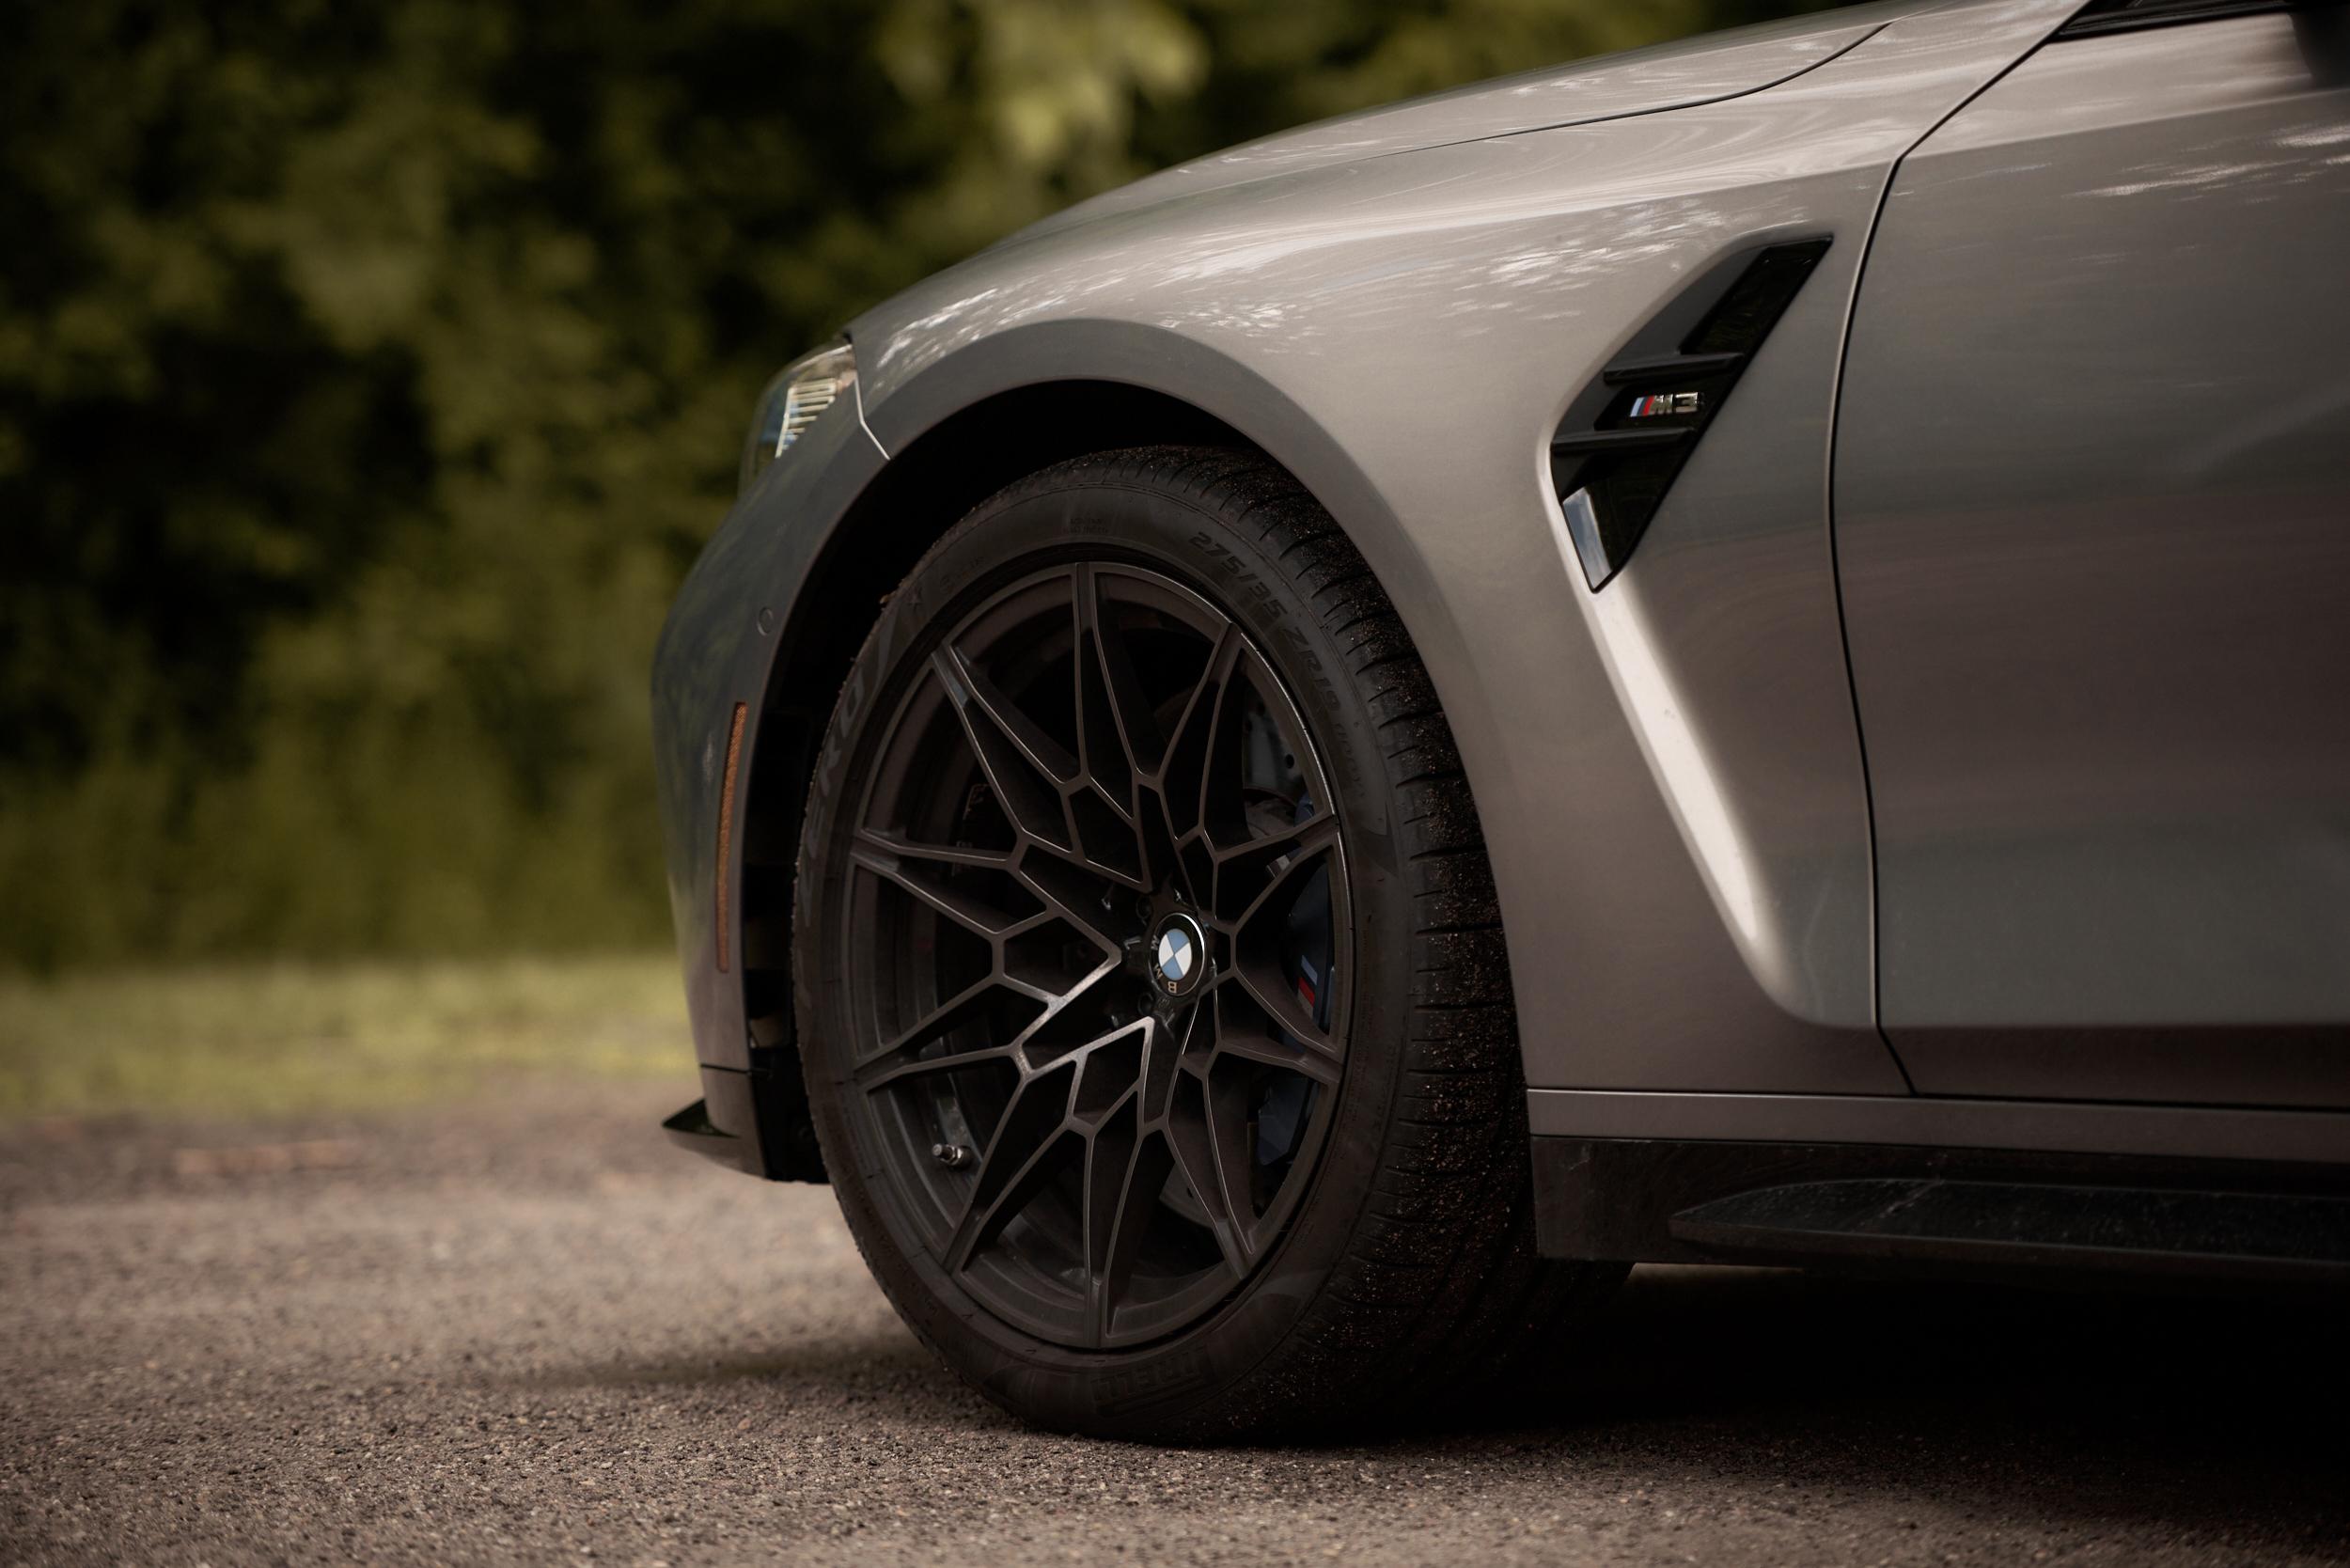 2021 BMW M3 Front Wheel